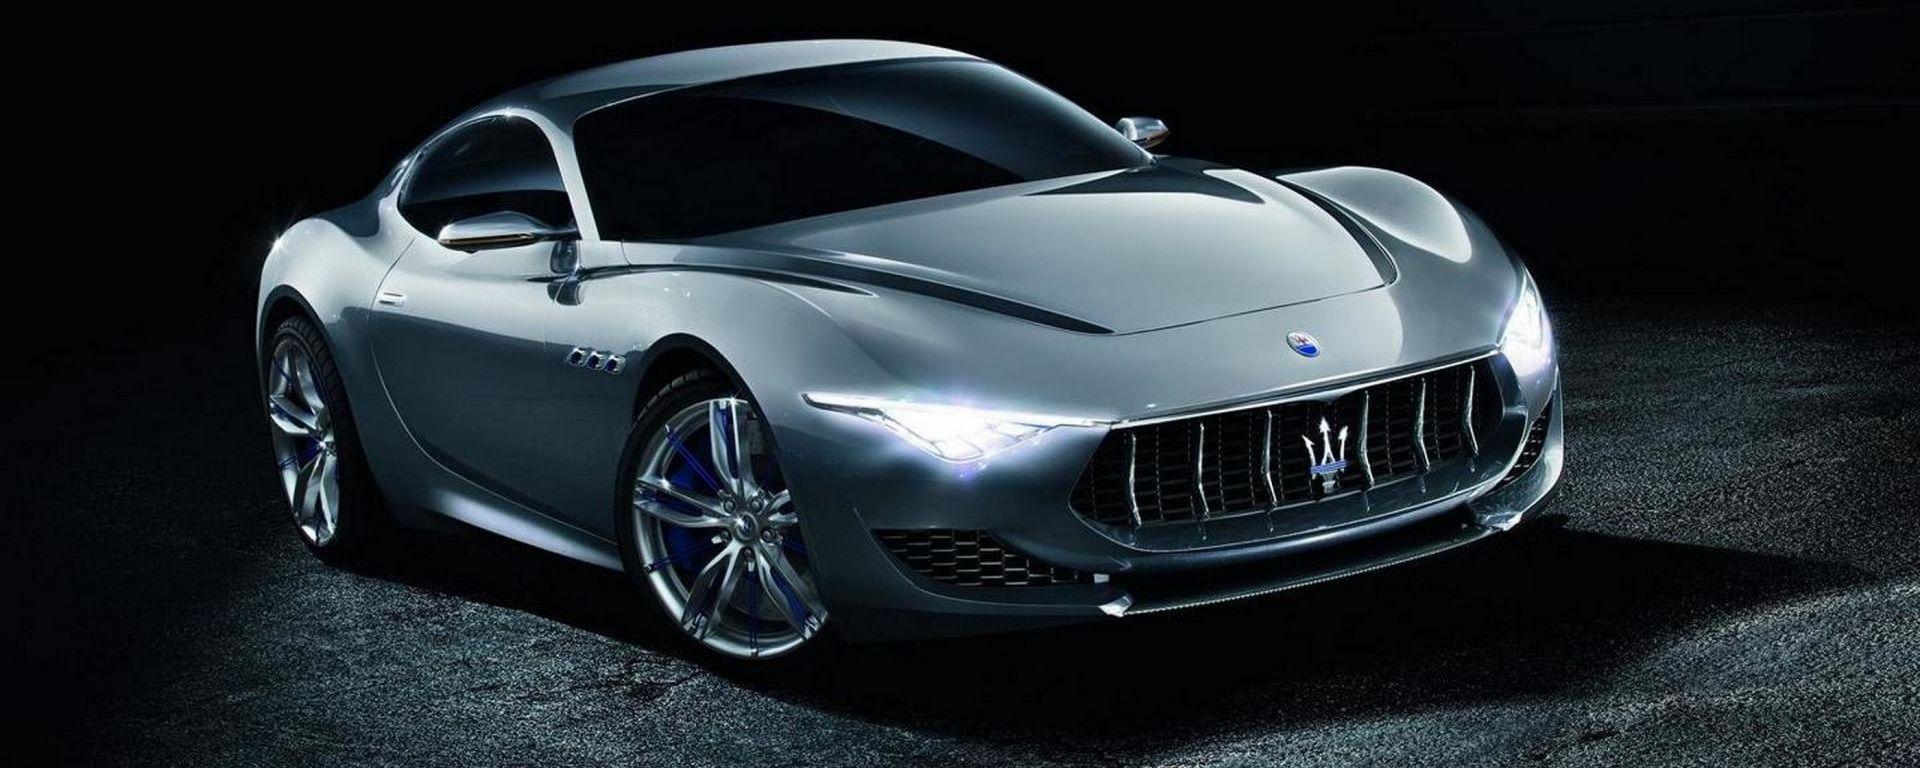 La nuova generazione di Maserati GranTurismo porterà con sé anche la nuova Alfa Romeo 6C